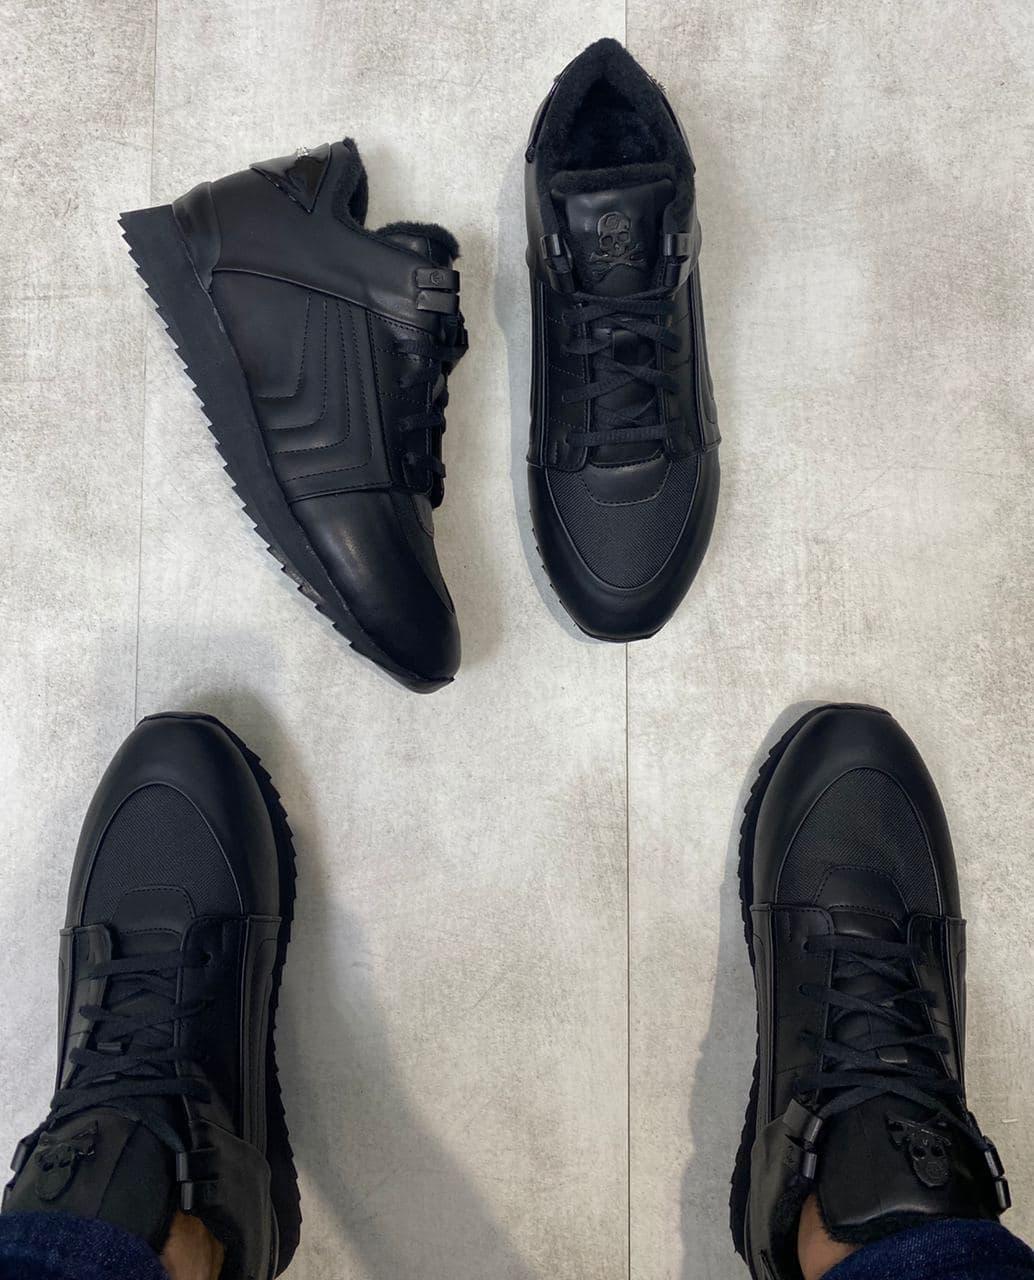 Мужские ботинки Philipp Plein H1182 черные